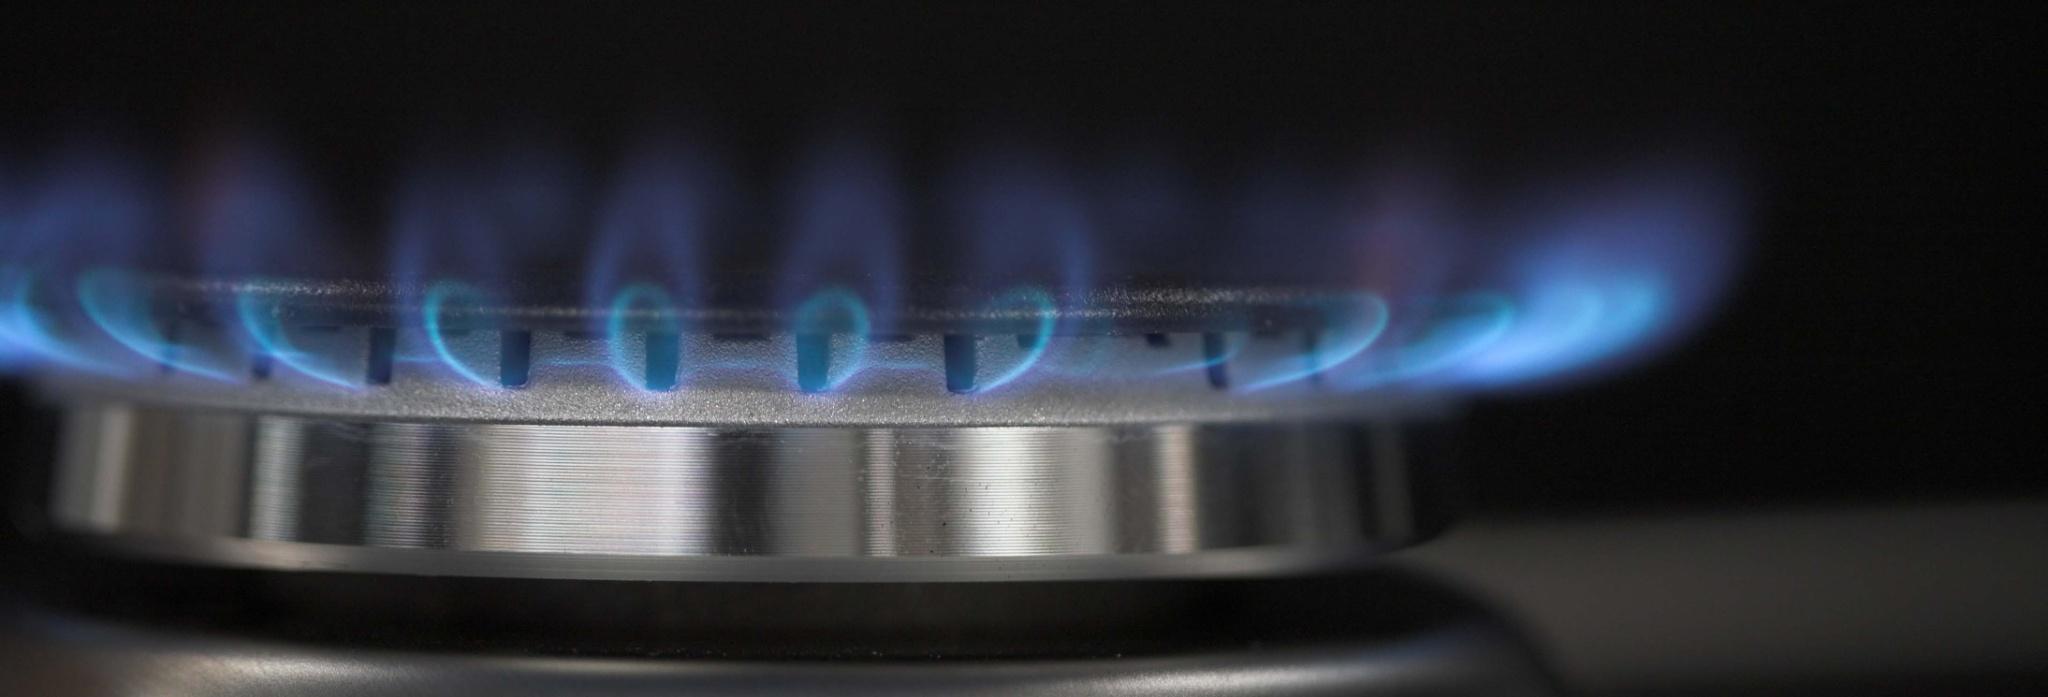 KURSUS: Gassikkerhedsloven og bekendtgørelserne - Ballerup